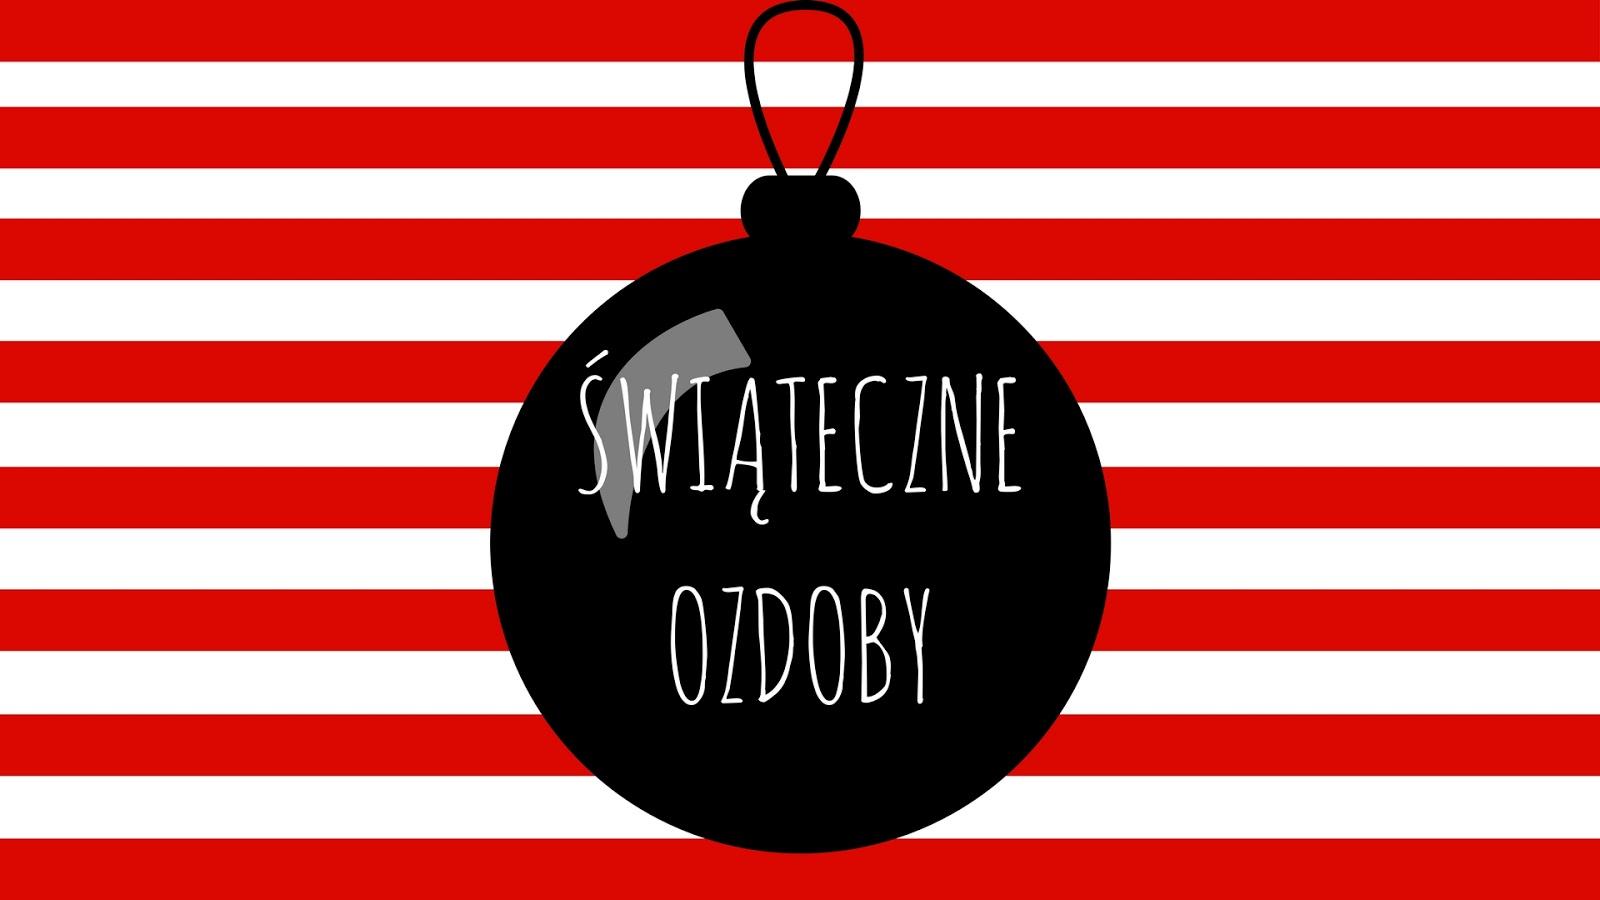 SERIA ŚWIĄTECZNA: świąteczne ozdoby